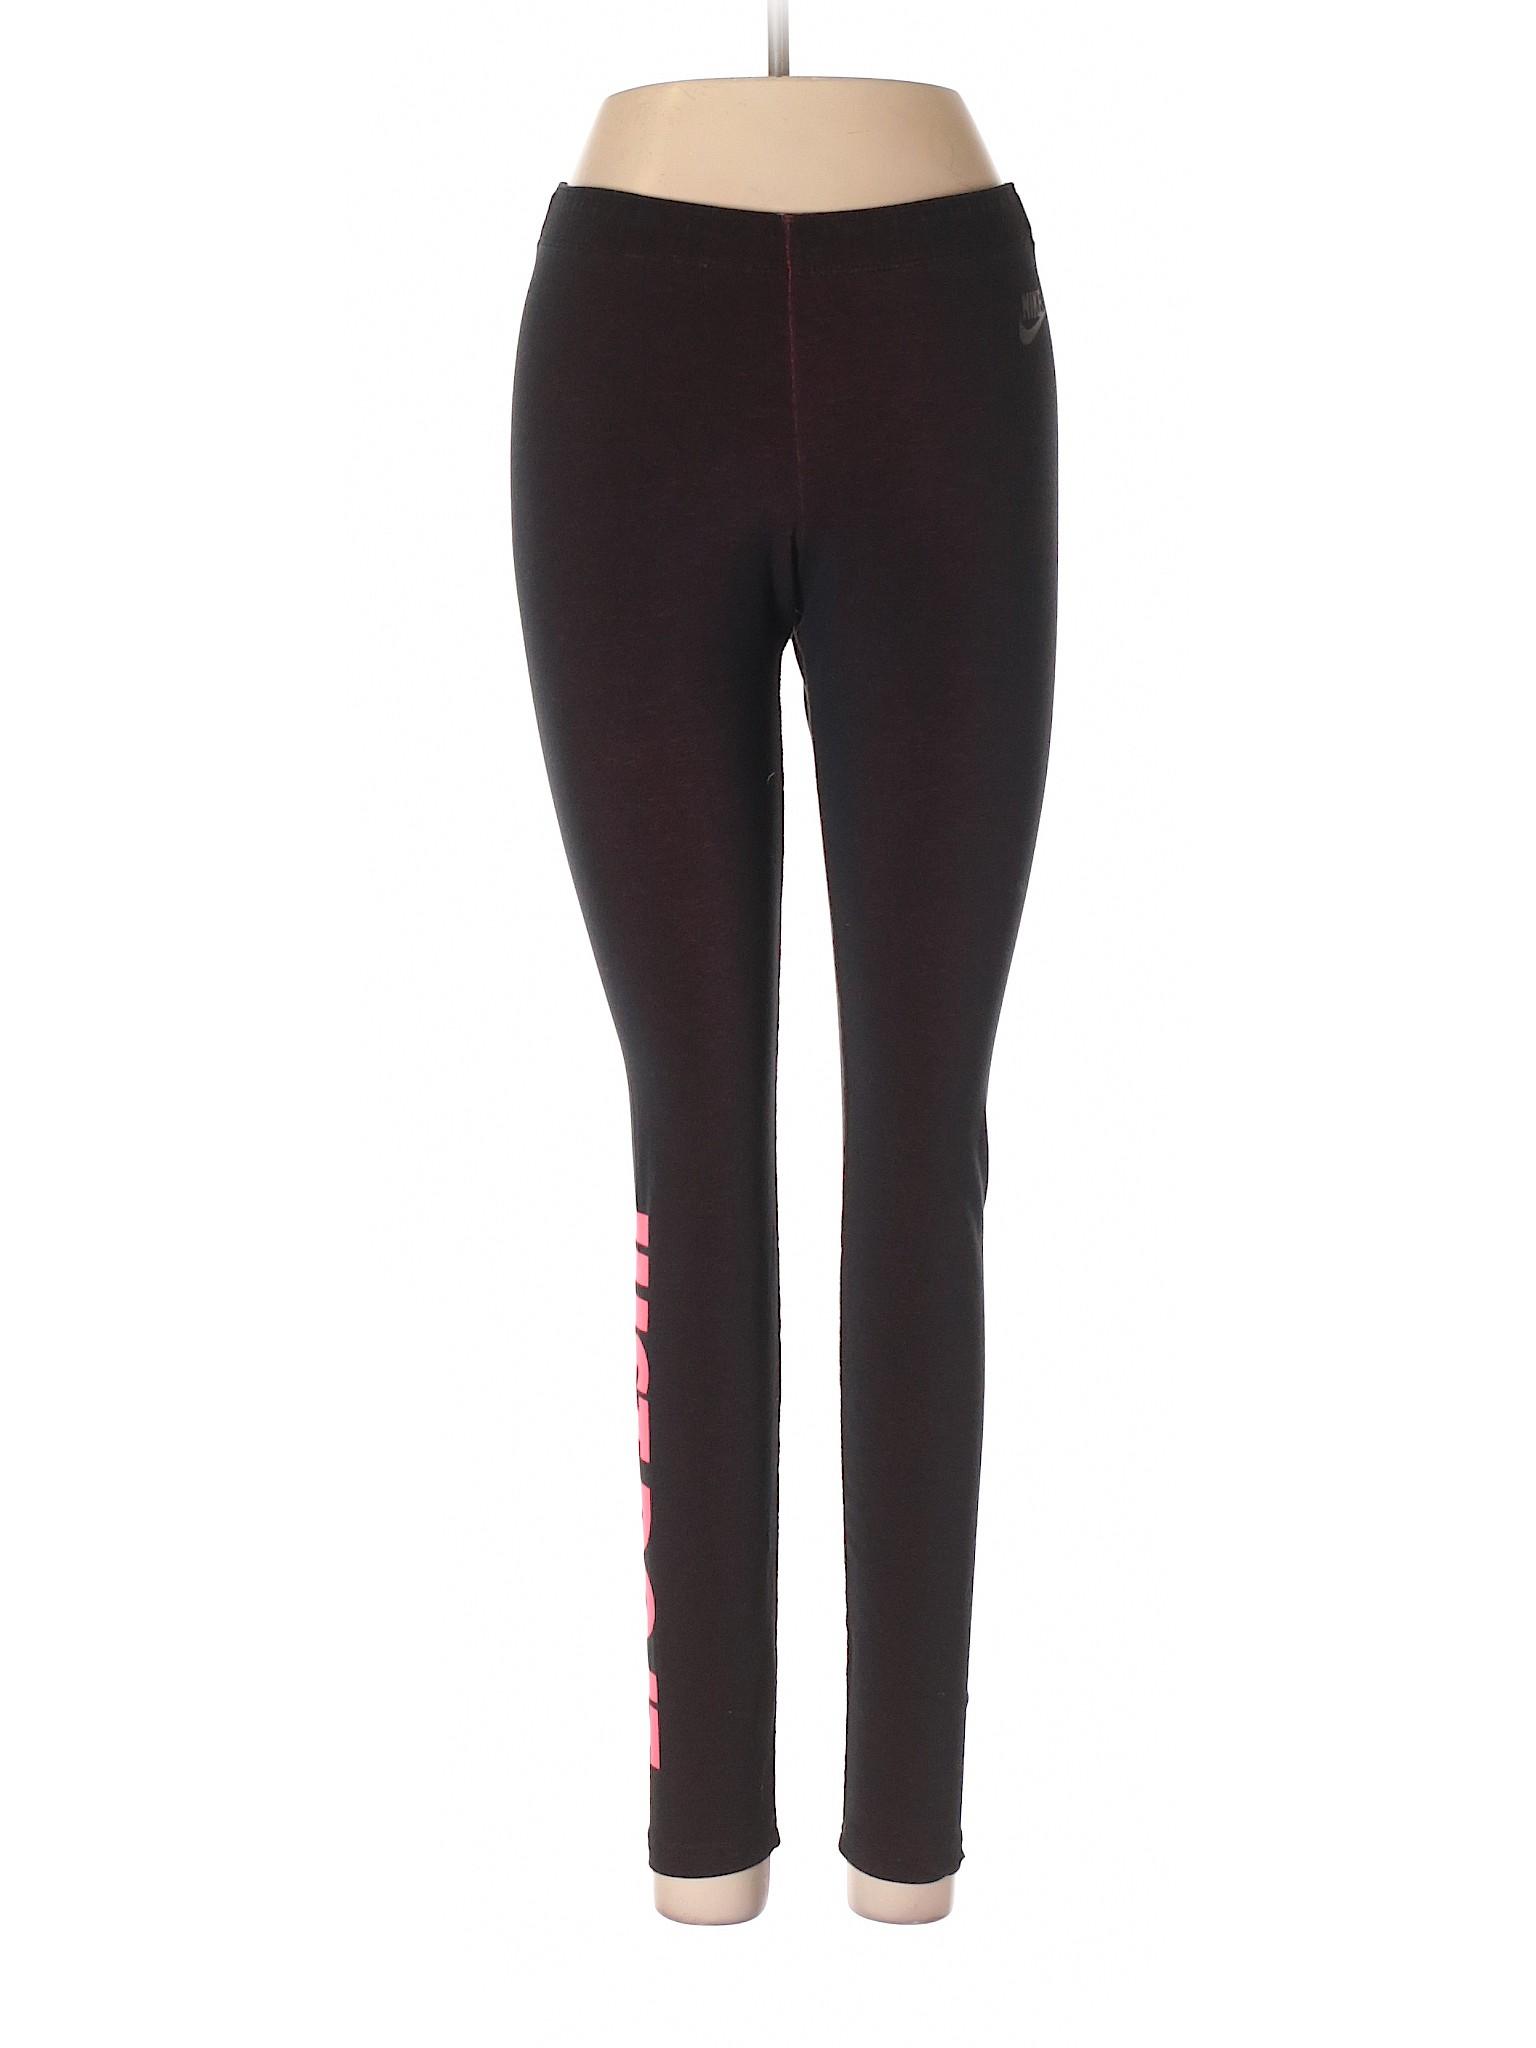 Pants Active leisure Pants Boutique Active Nike leisure Nike Boutique w6q05xS